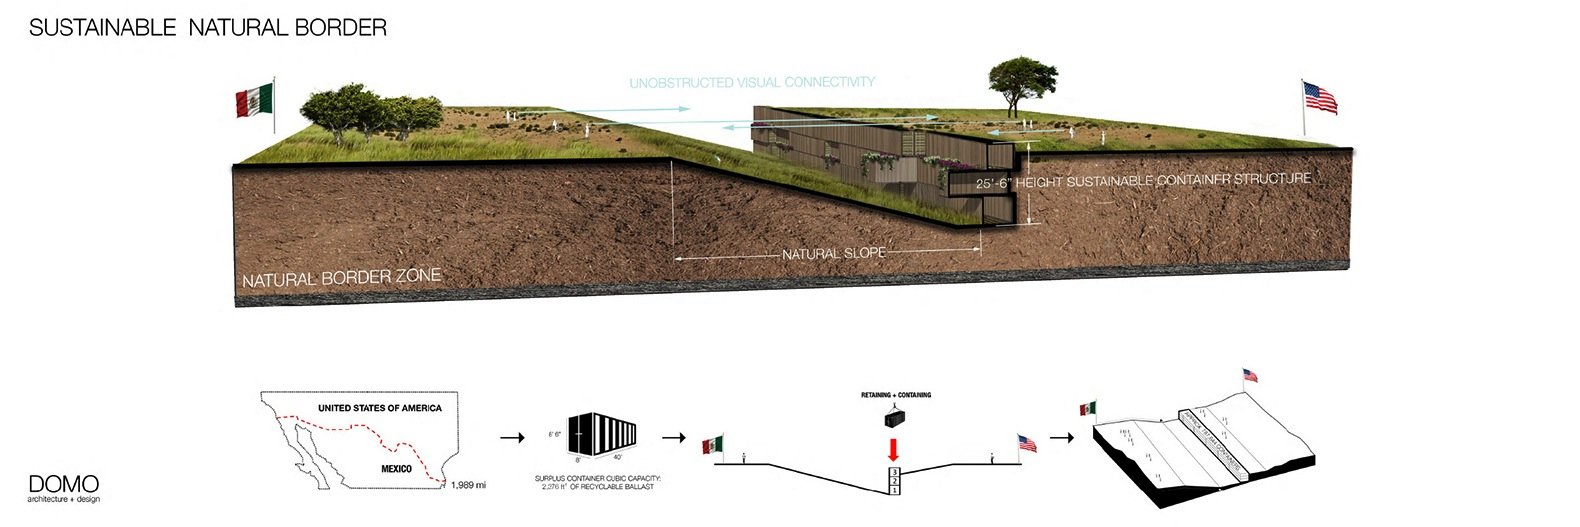 Die Container, die in die Erde gesetzt werden, bilden eine schwer überwindbare Mauer.